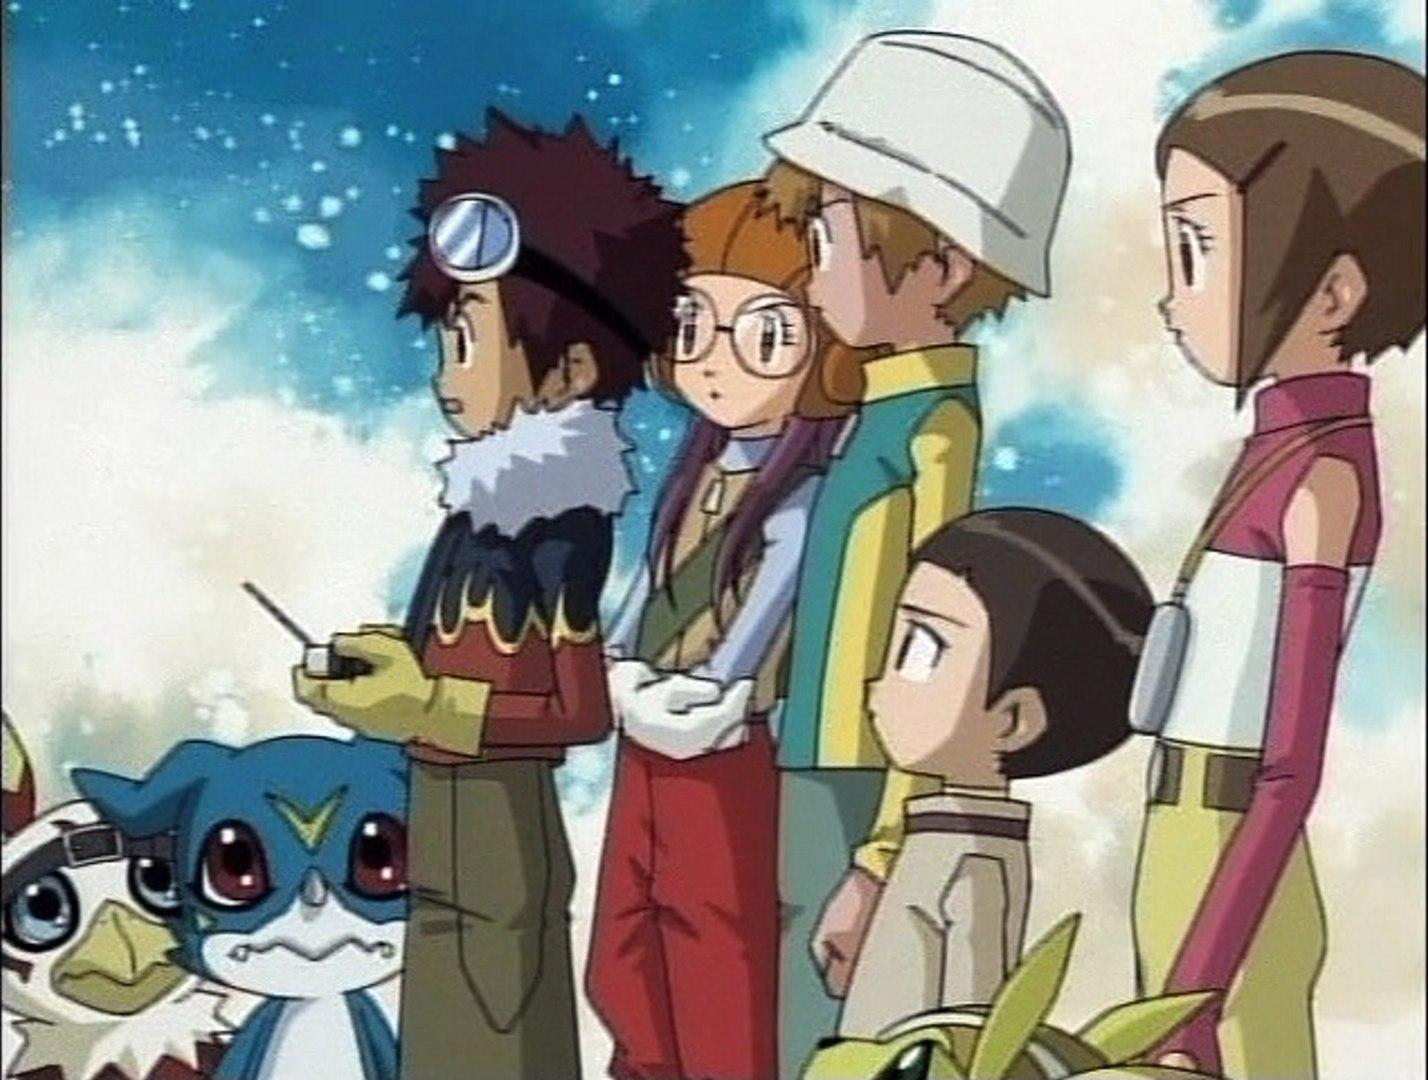 Digimon S02 Ep 26